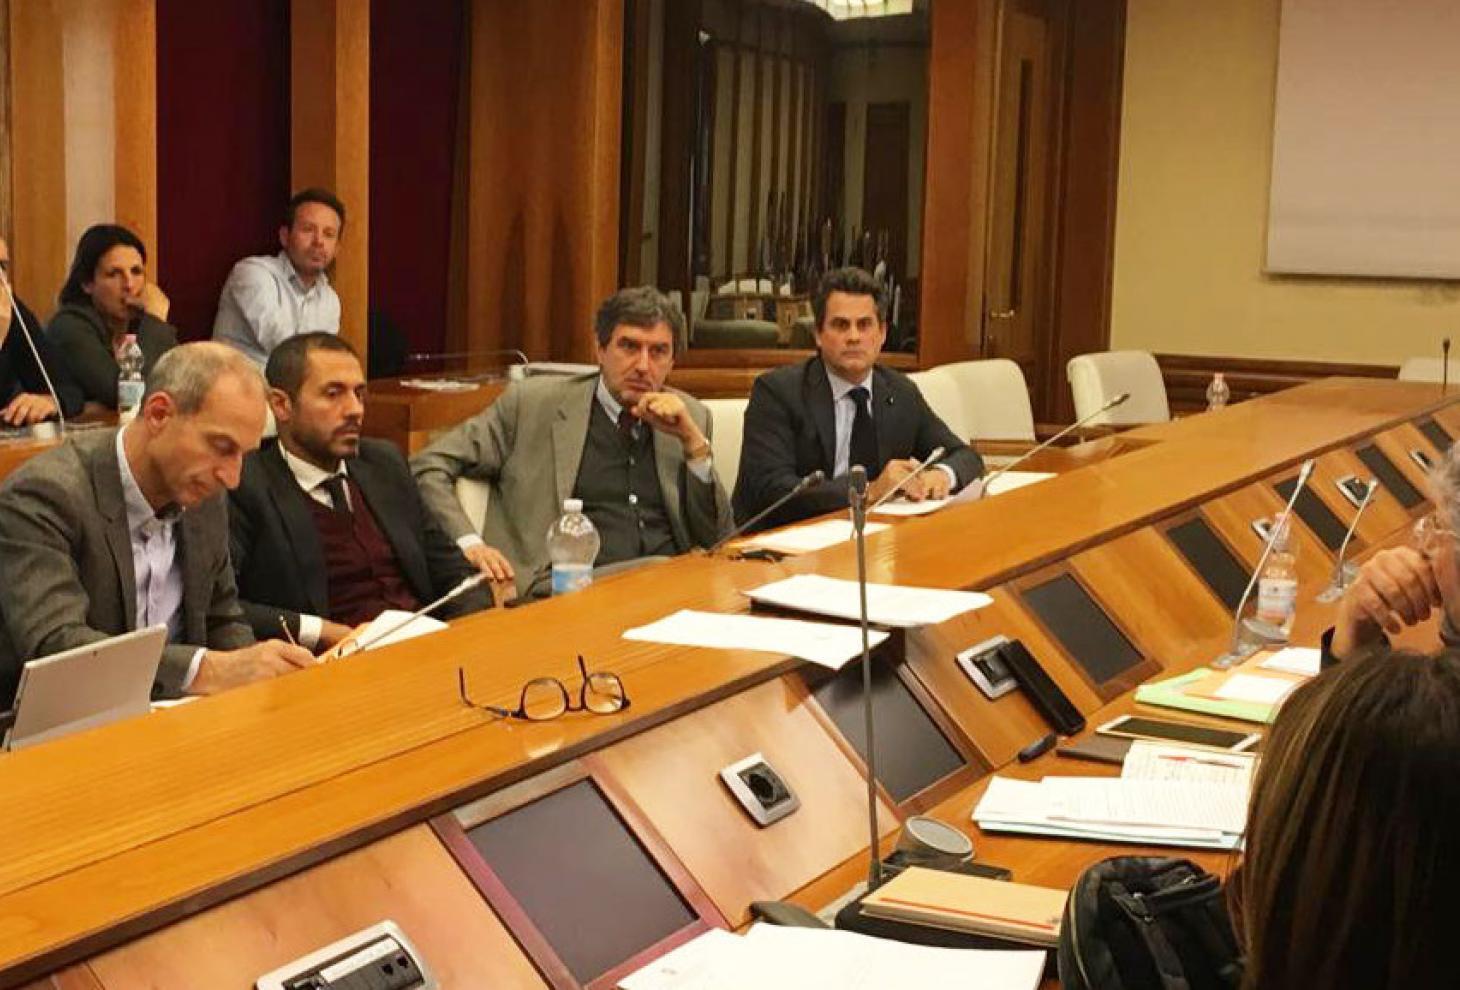 Ricostruzione post sisma 2016: due nuove ordinanze per dare impulso a territorio